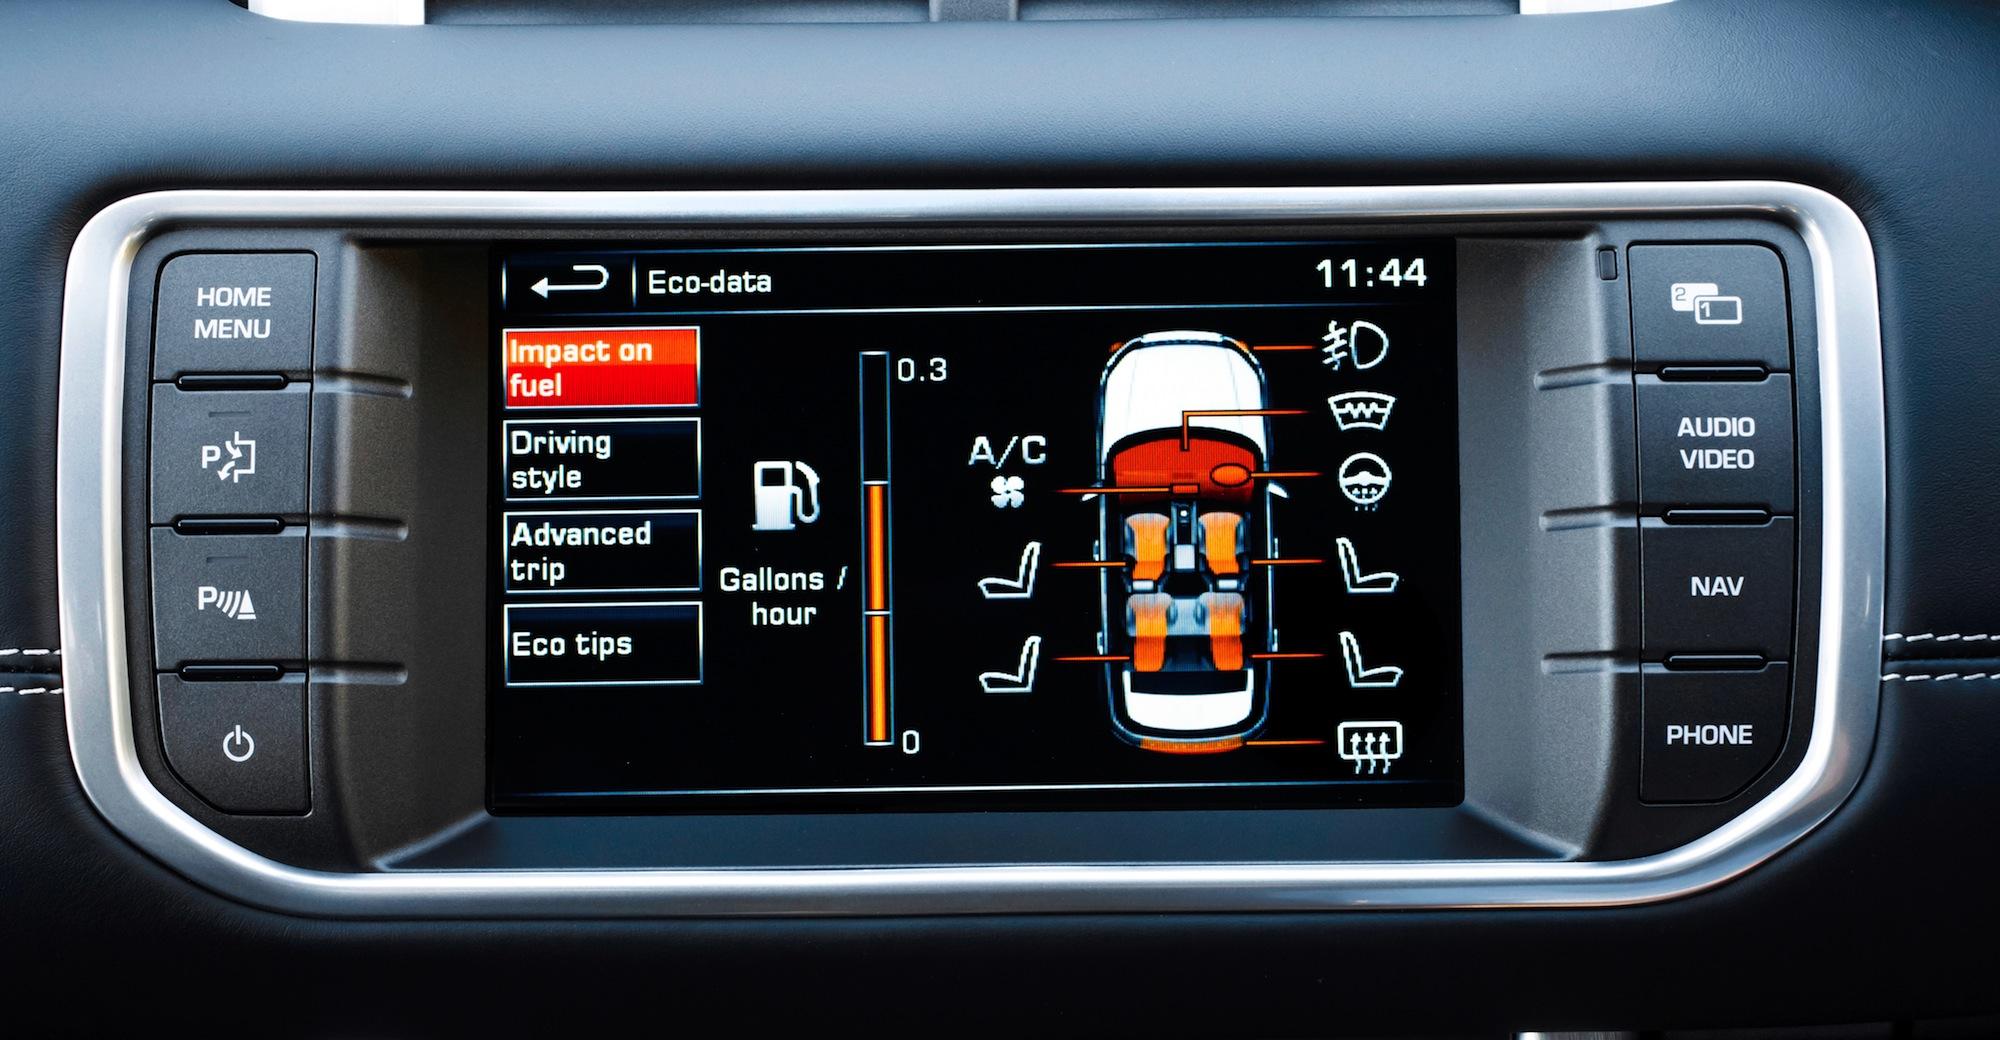 2014 Range Rover Evoque Review - photos | CarAdvice